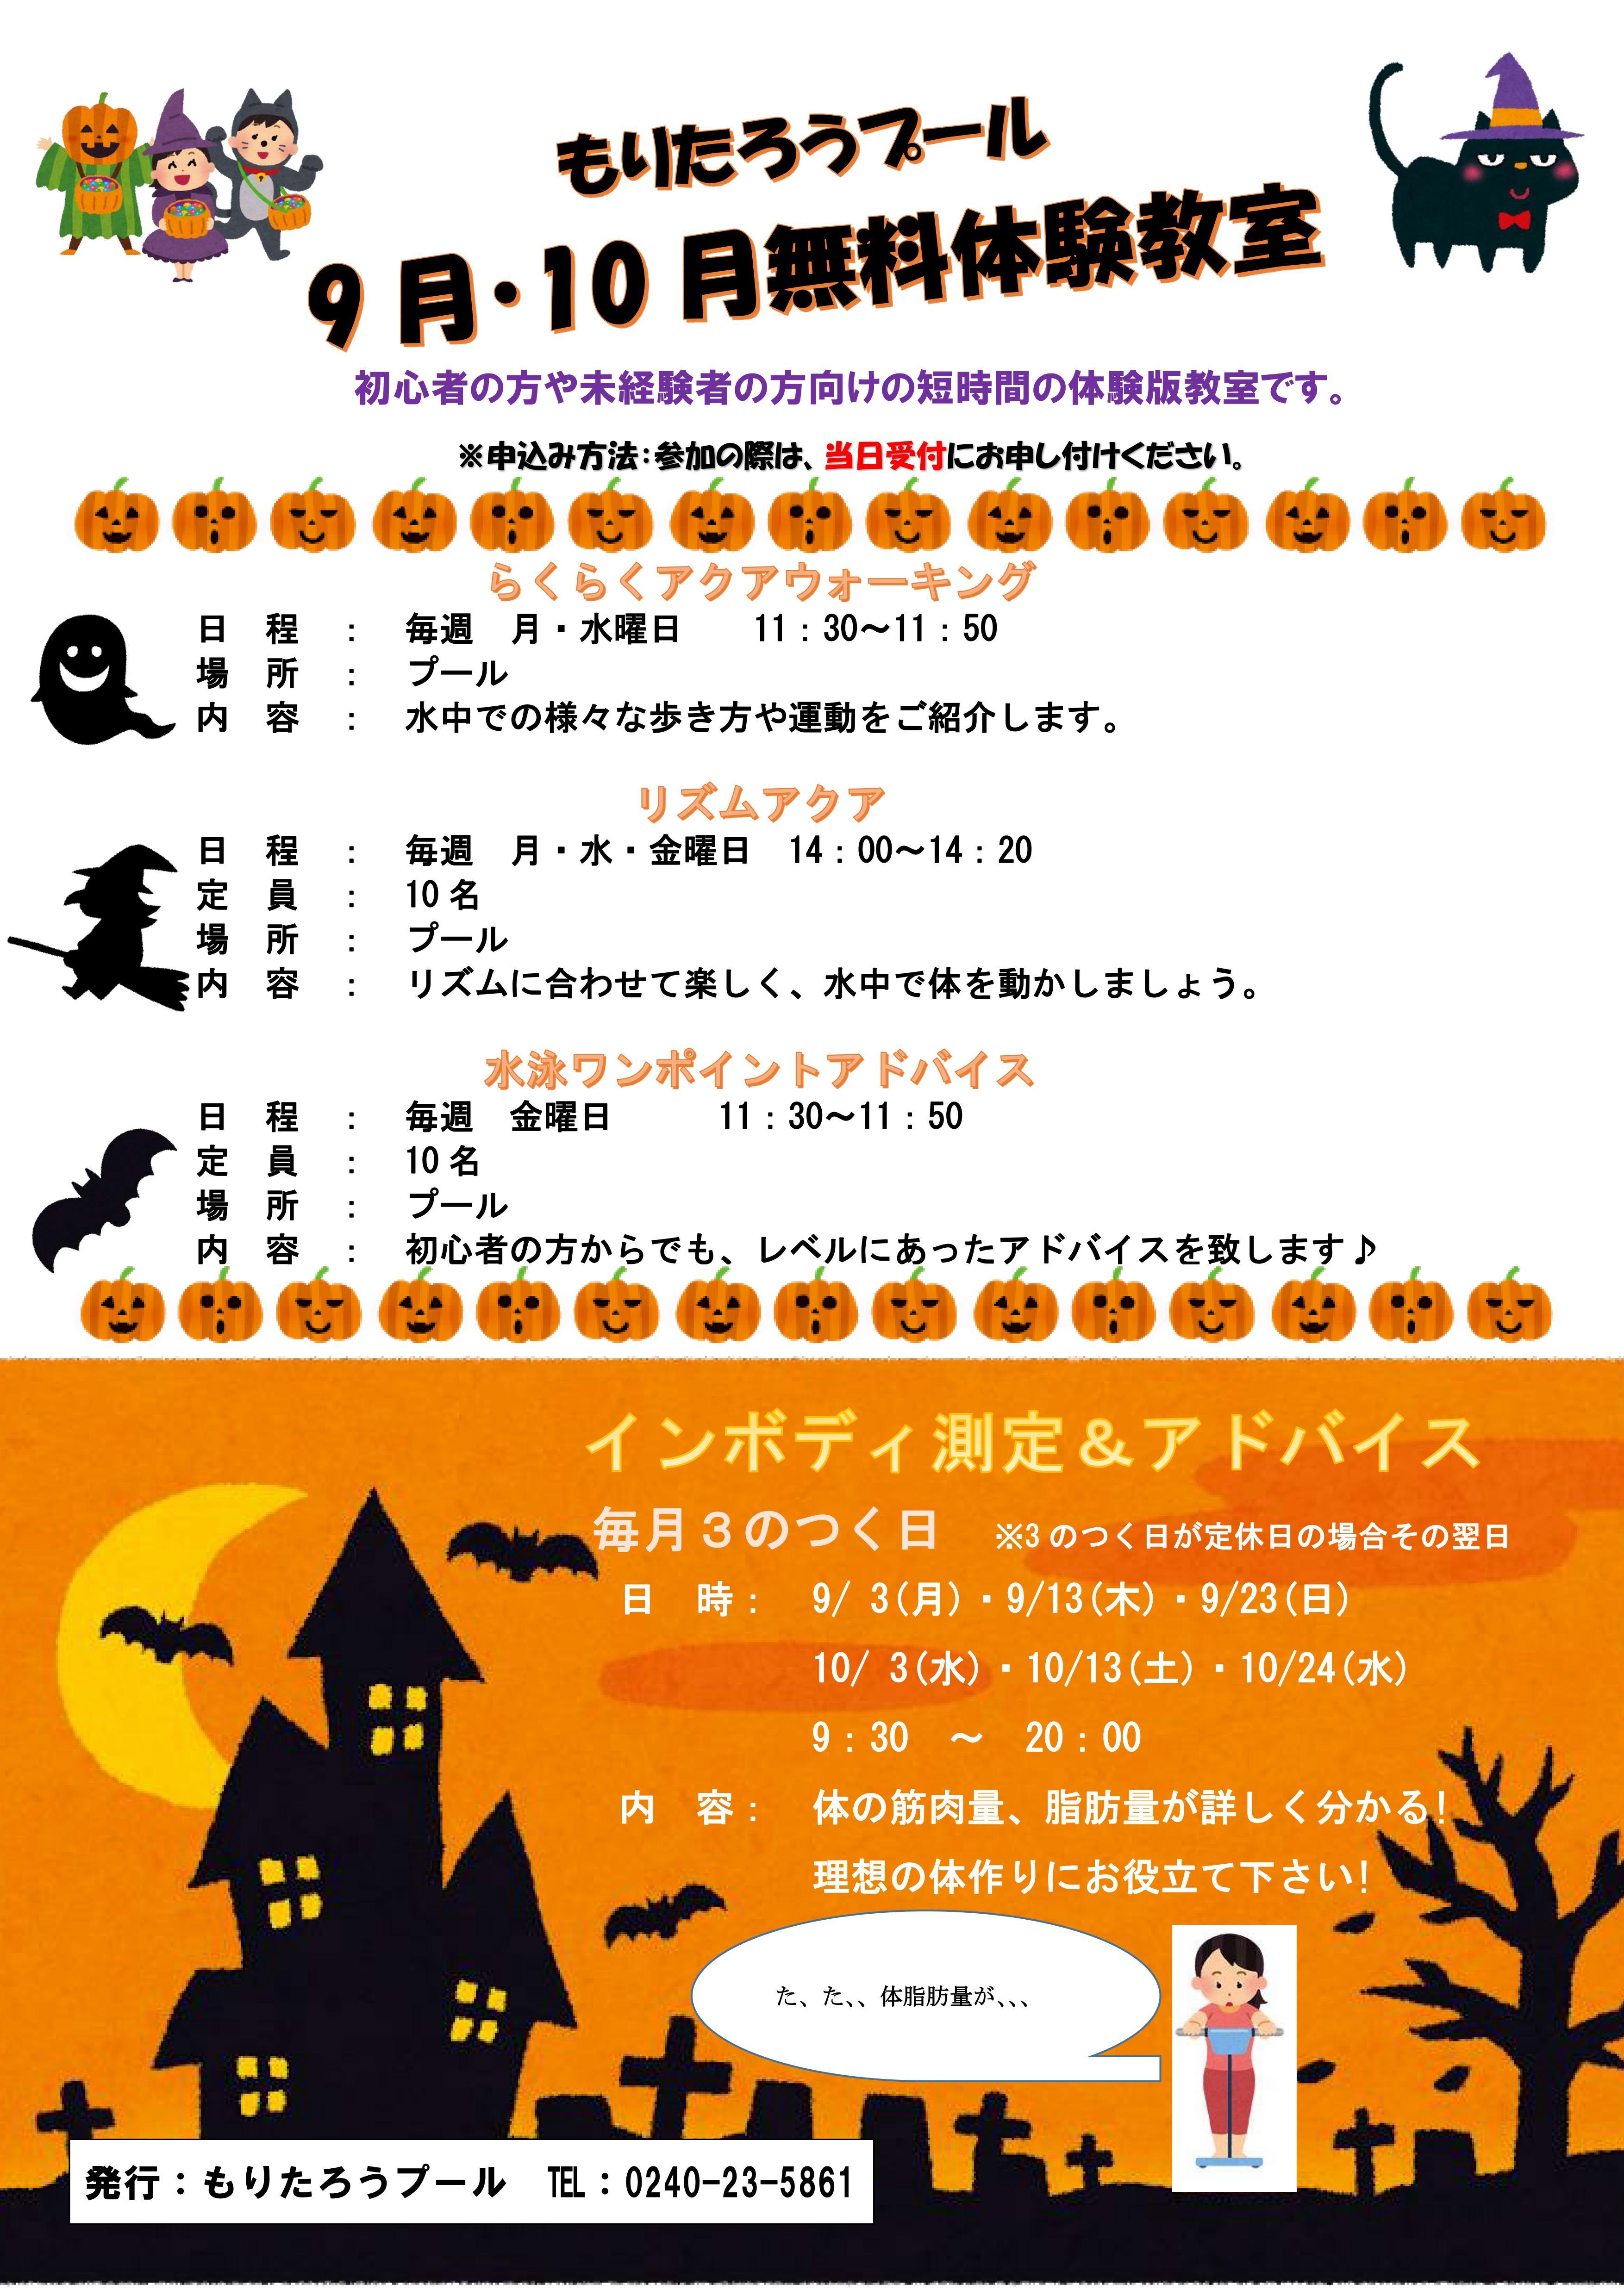 無料体験教室 インボディ測定&アドバイス(2018年9,10月) @ 川内村室内型村民プール(もりたろうプール) | 川内村 | 福島県 | 日本